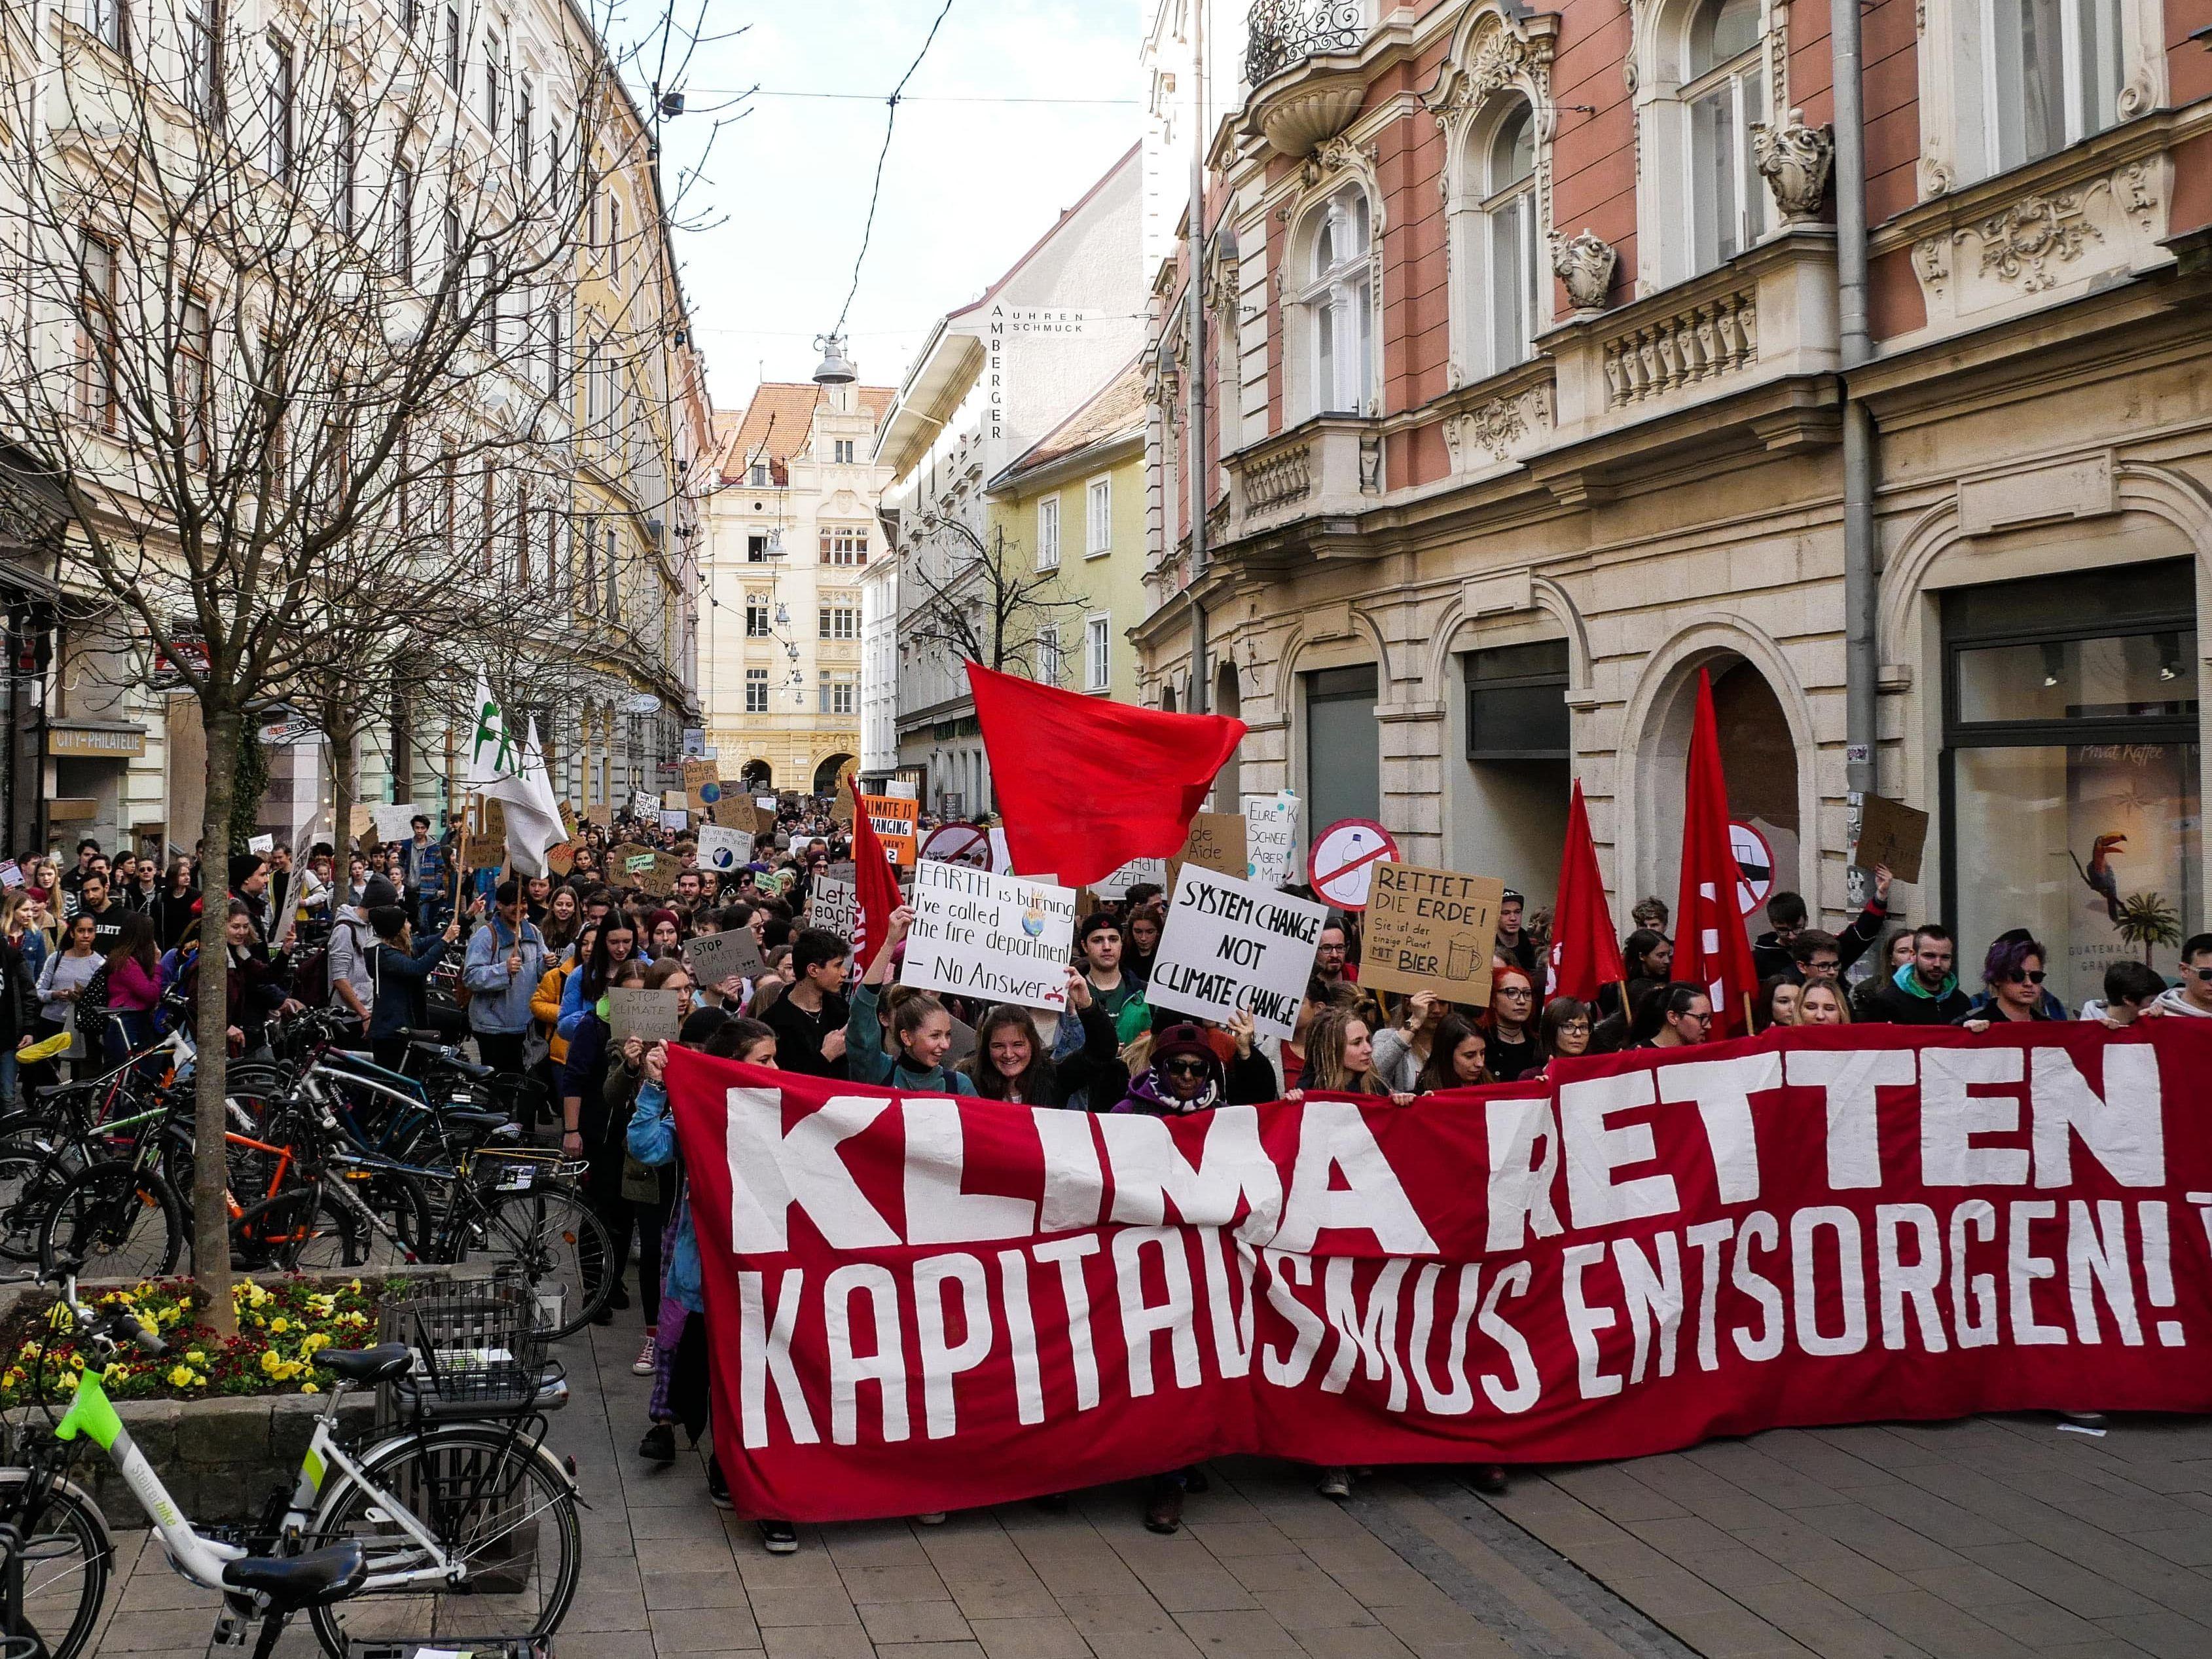 Klima Demo Wien News: Neuer Erlass: Gleicher Umgang Mit Klima-Demo